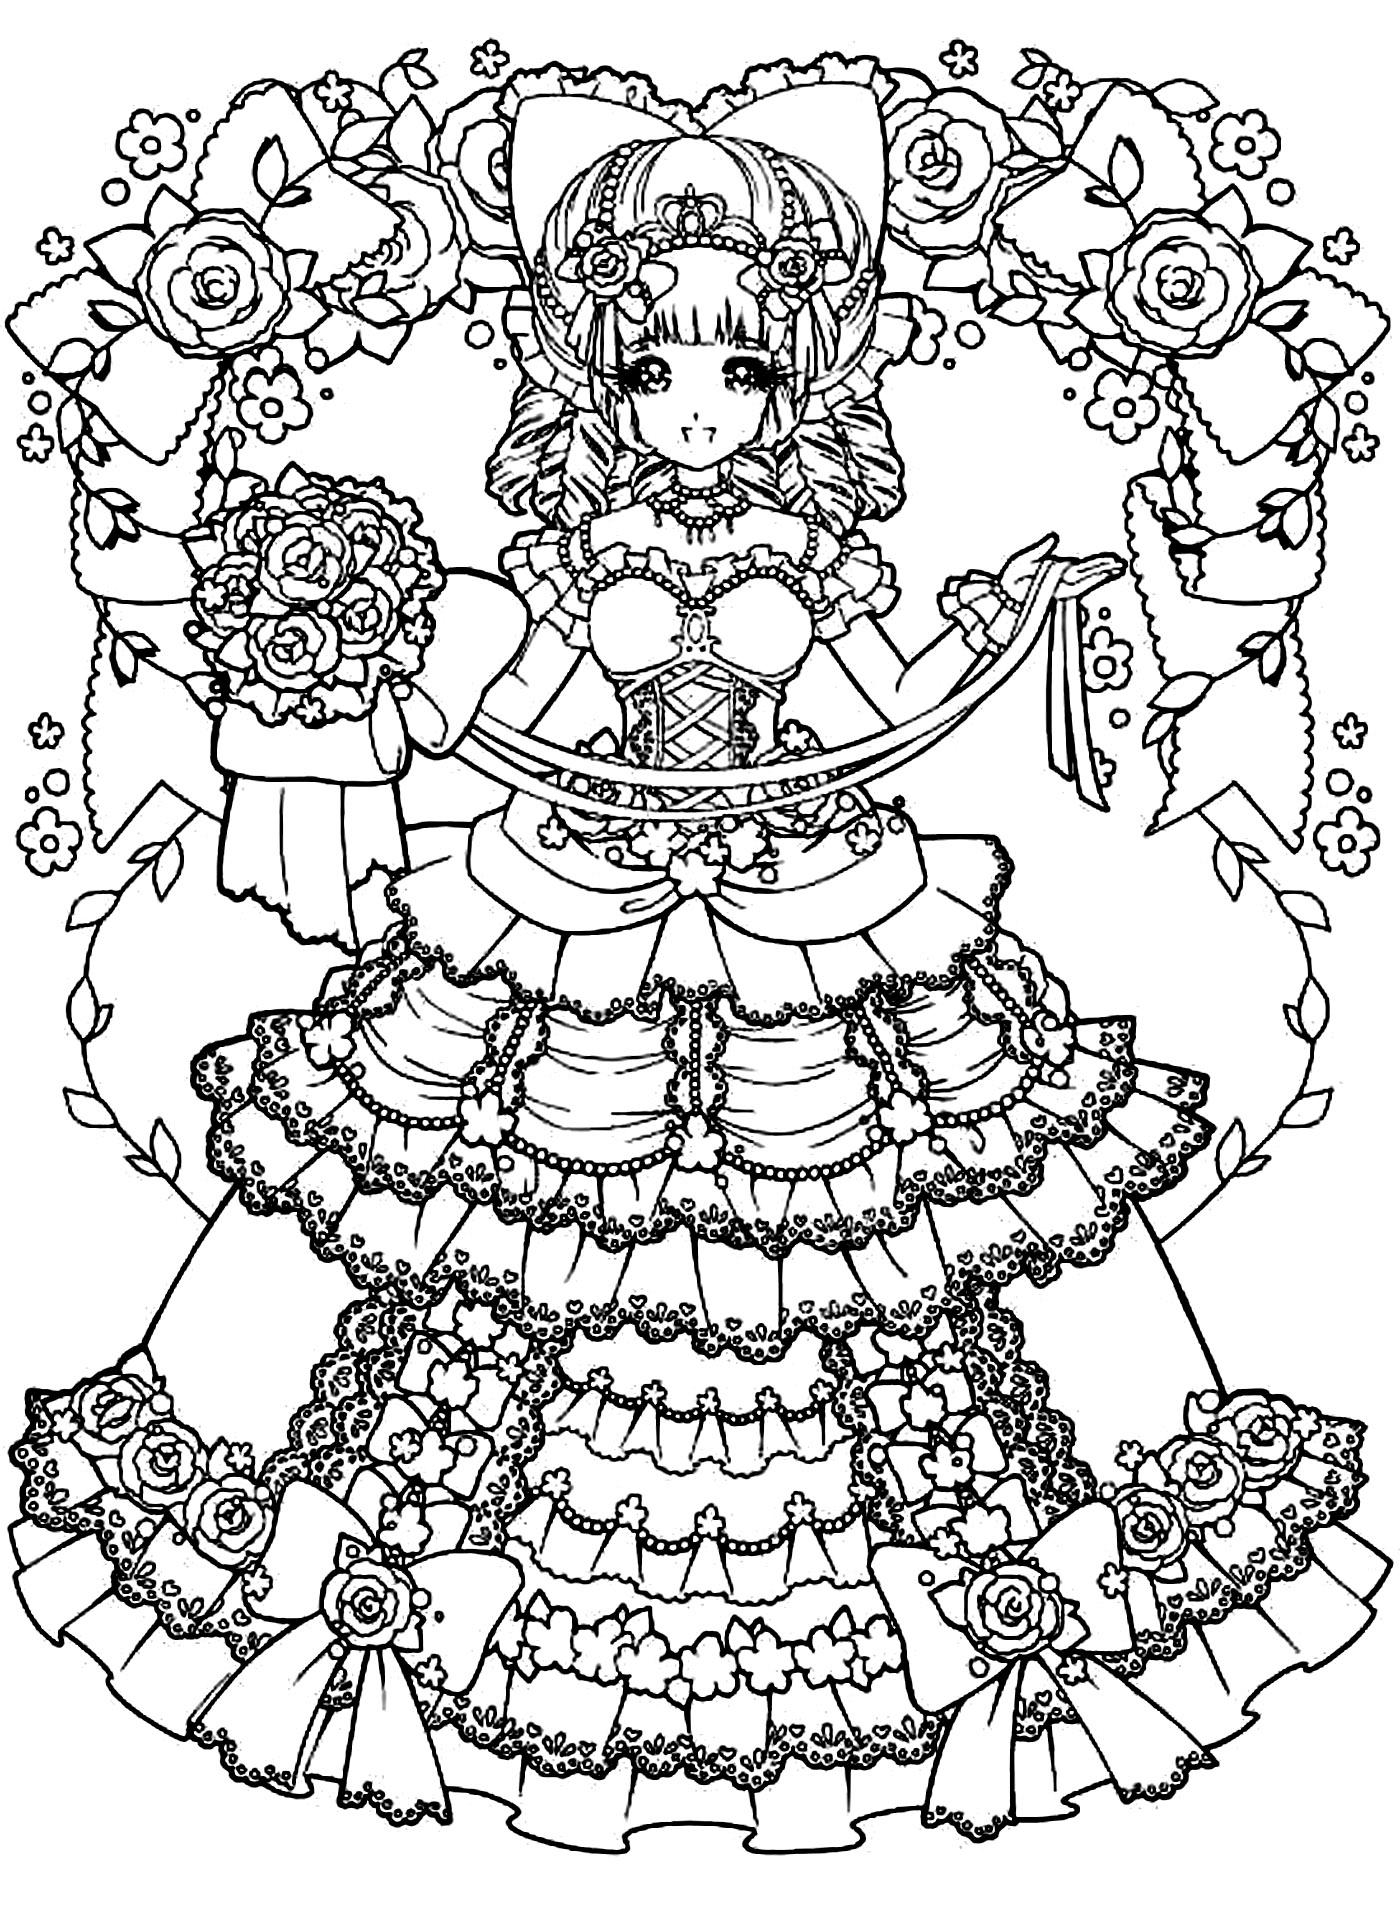 Cette robe vous demandera beaucoup de patience !A partir de la galerie : Mangas